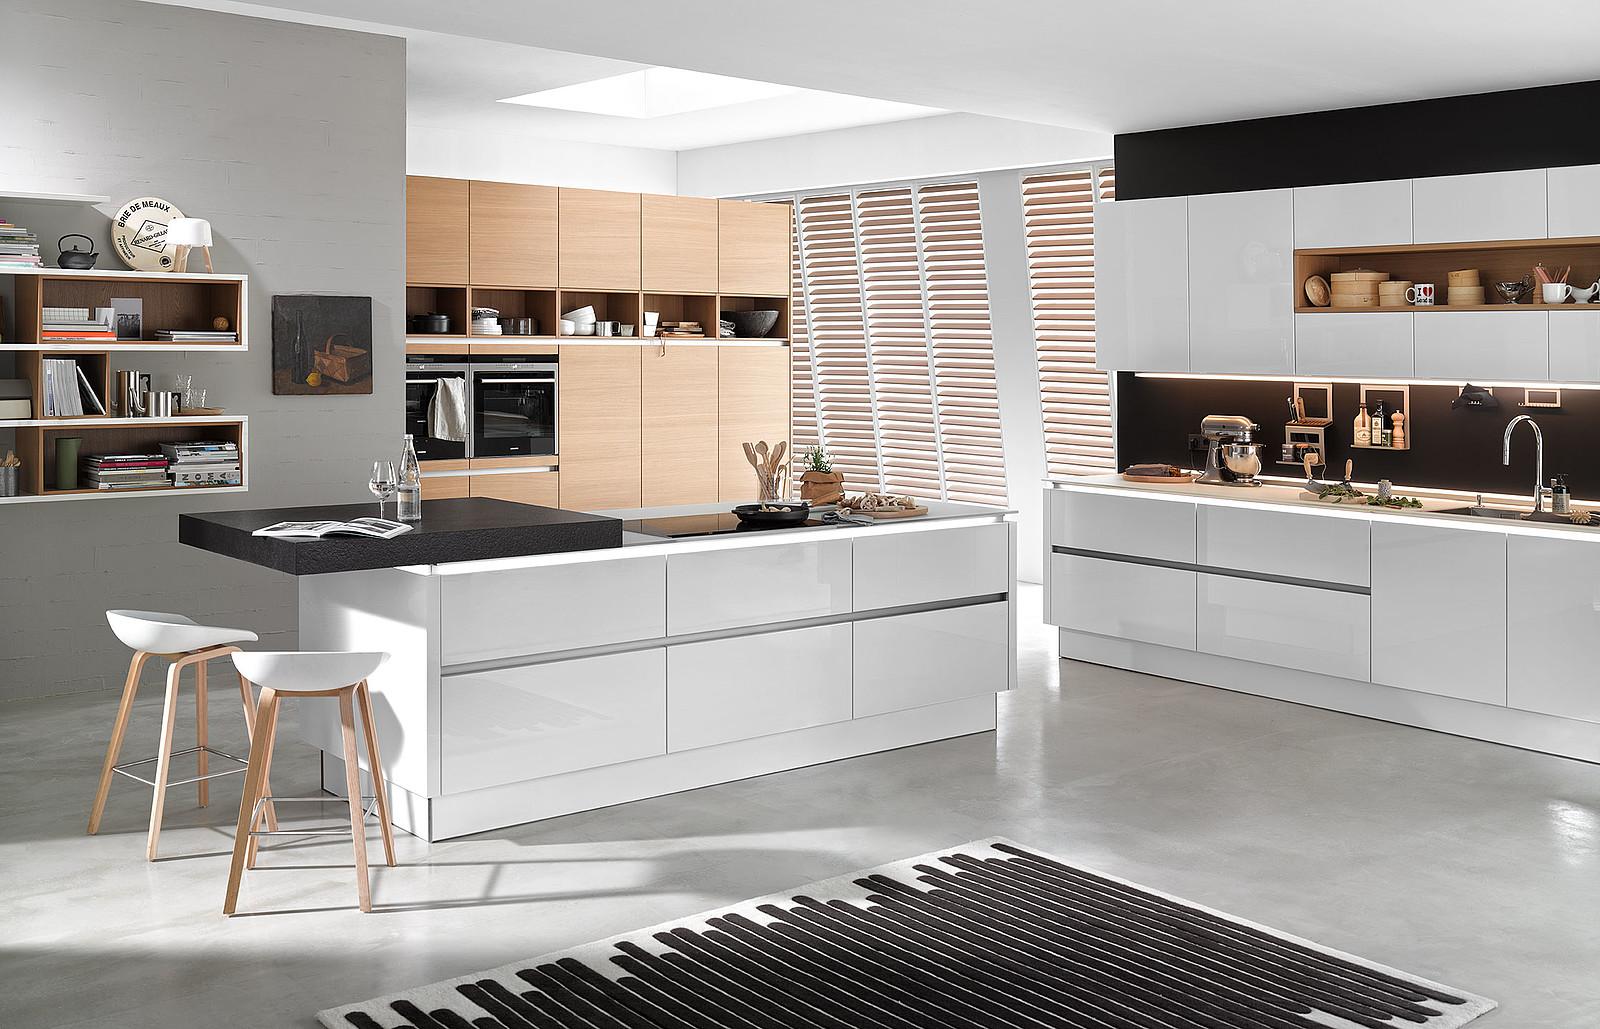 Full Size of Nolte Küchen Glasfront Infos Zur Beliebtesten Kchenmarke Deutschlands Küche Betten Schlafzimmer Regal Wohnzimmer Nolte Küchen Glasfront